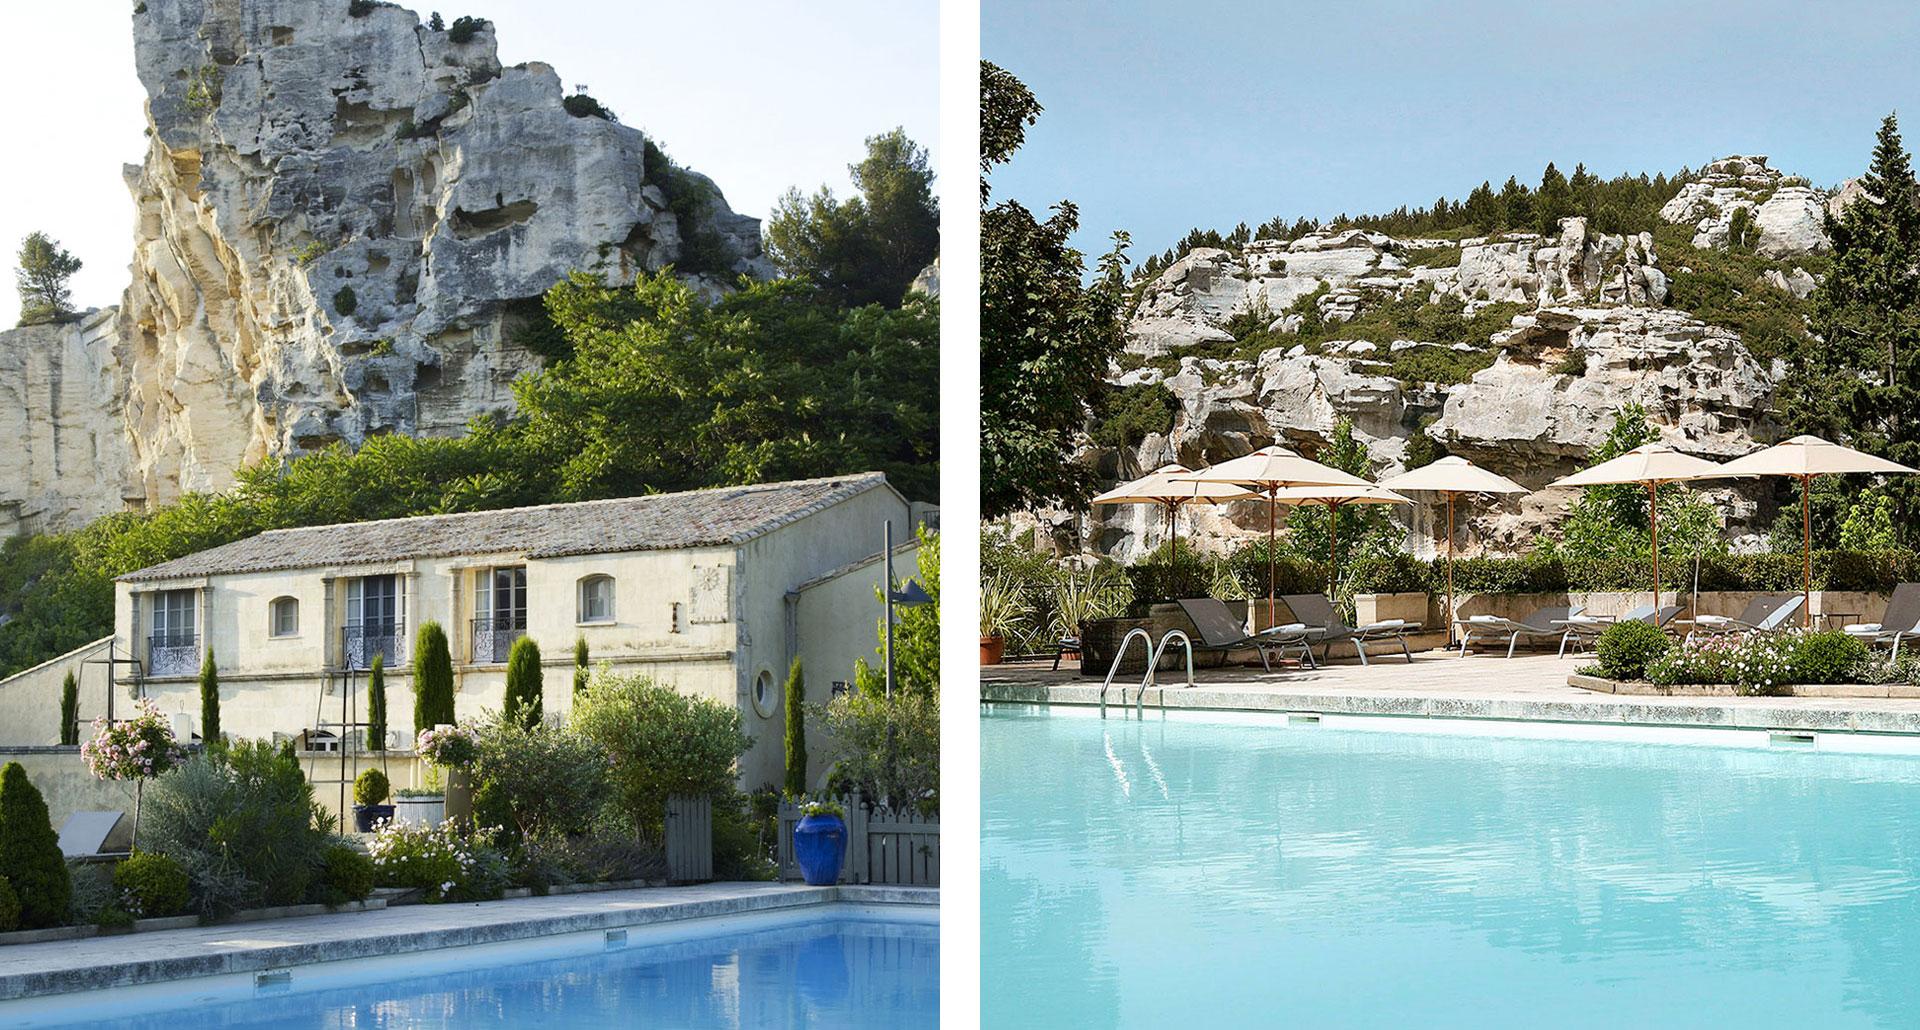 Baumaniere Les Baux de Provence - boutique hotel in Les Baux de Provence